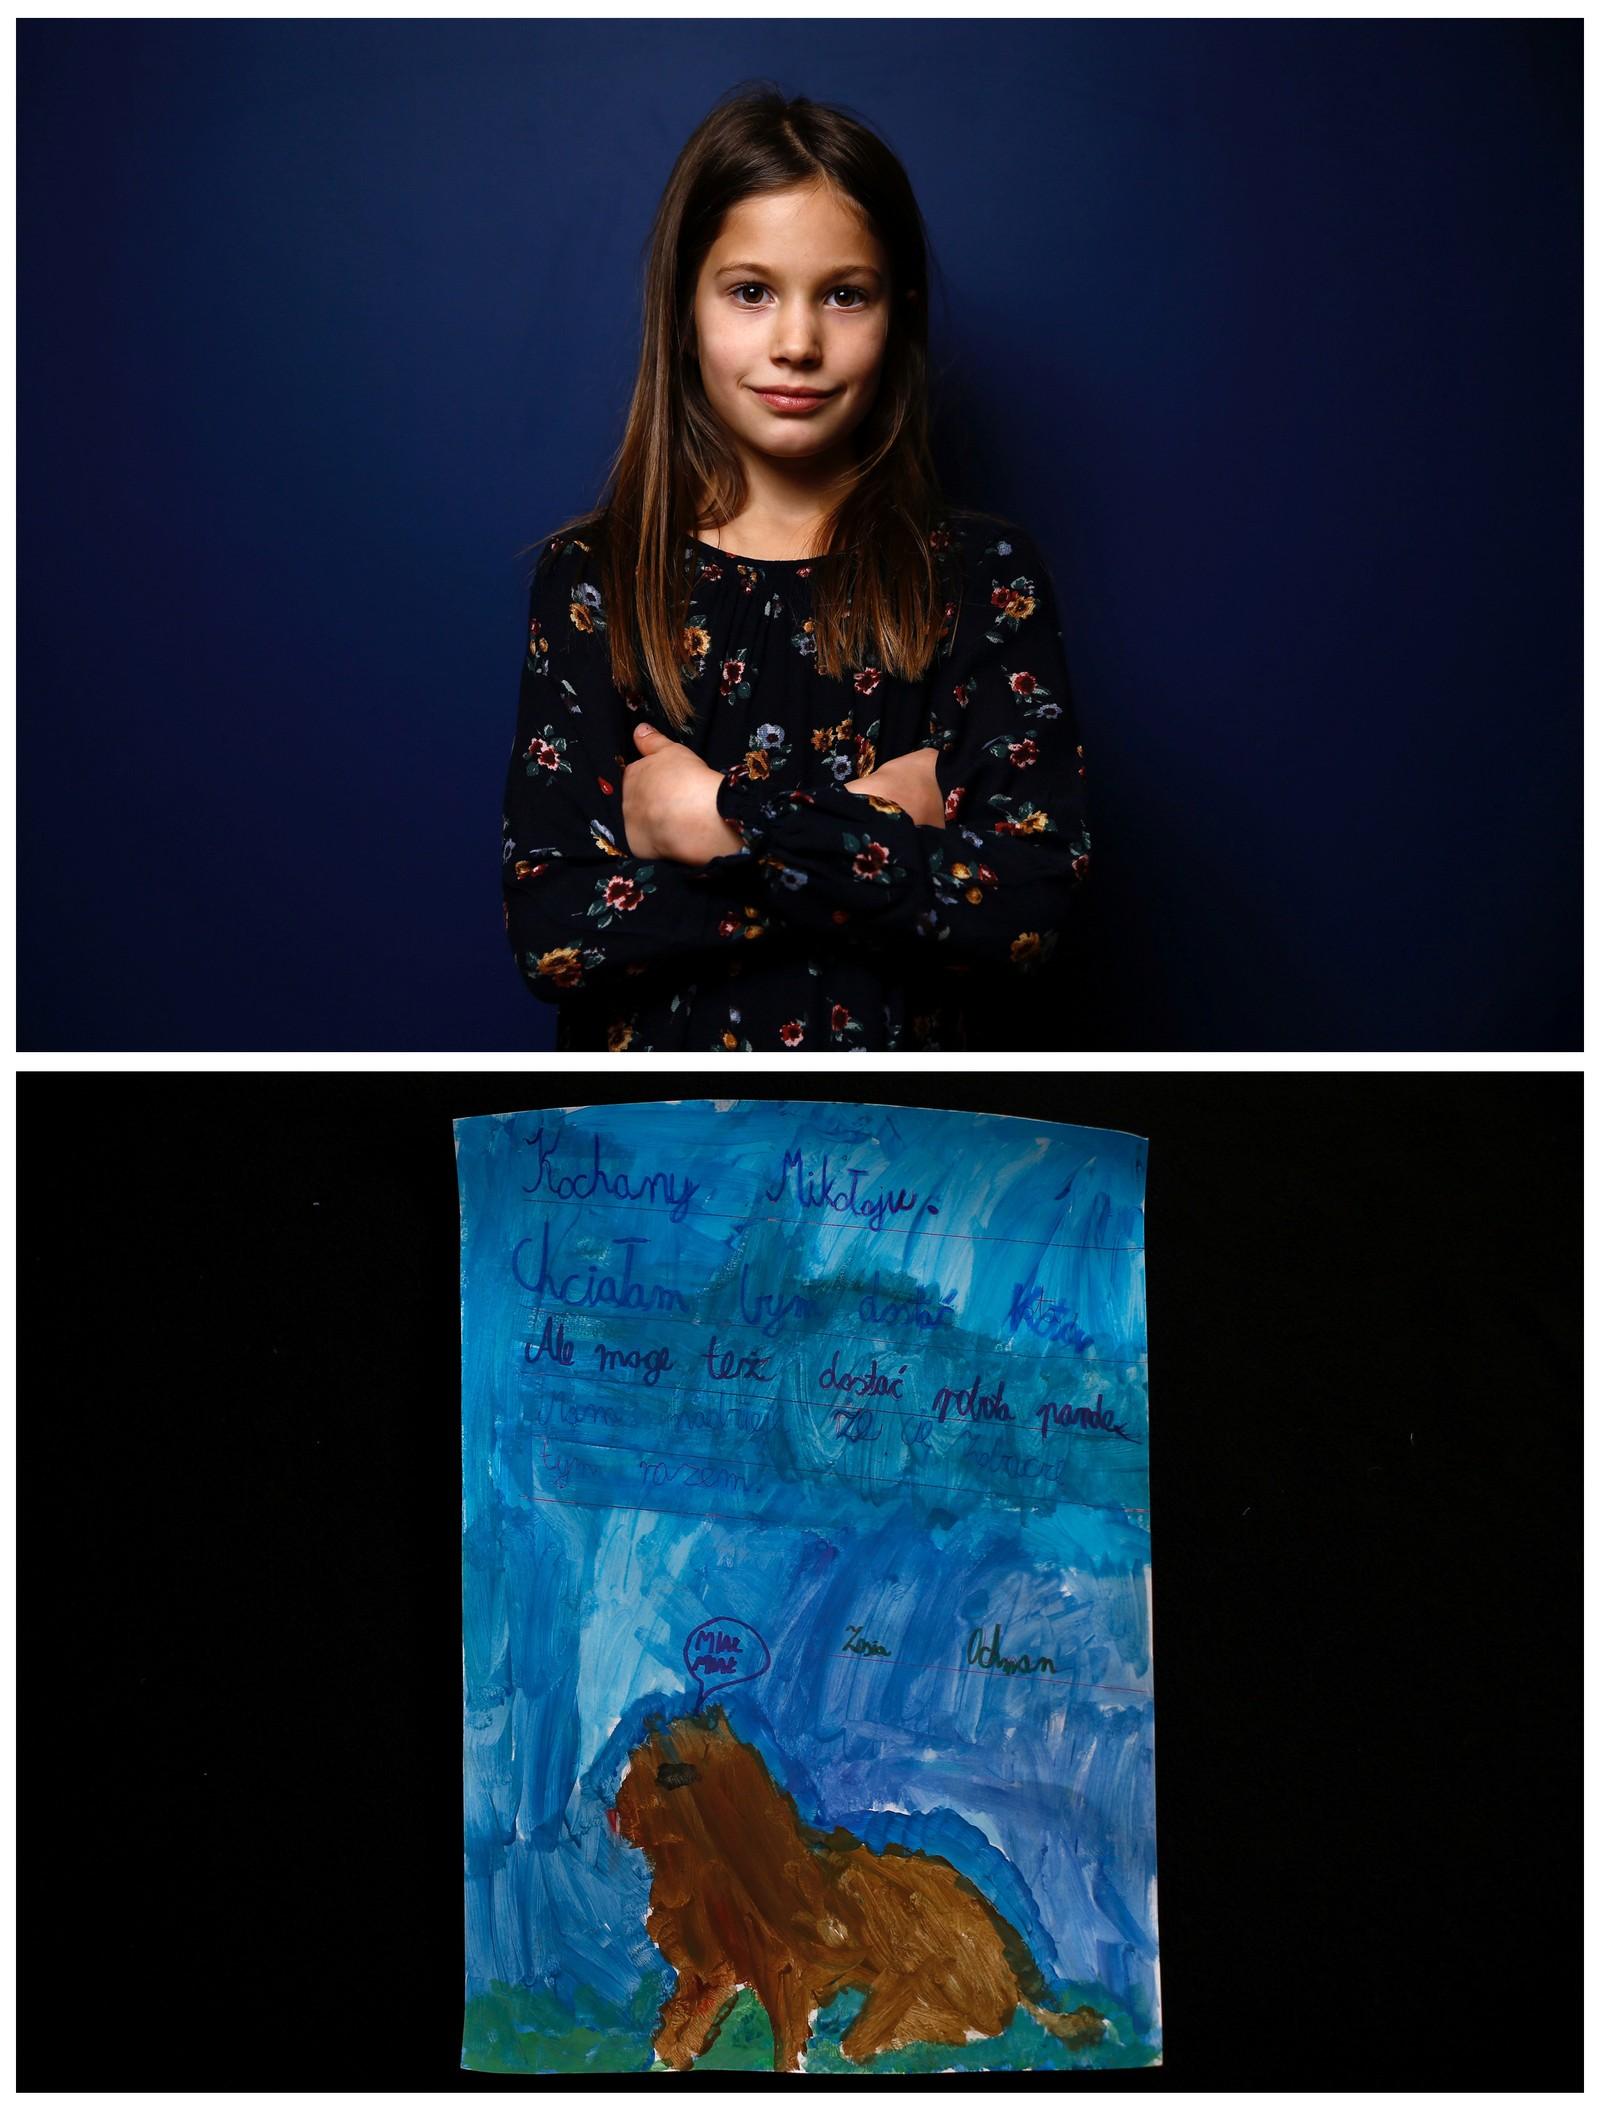 Polske Zofia (8) ønsker seg en katt, robotpanda også er ok. Nyhetsbyrået Reuters har fotografert barn fra hele verden og spurt dem hva de ønsker seg fra nissen i år.